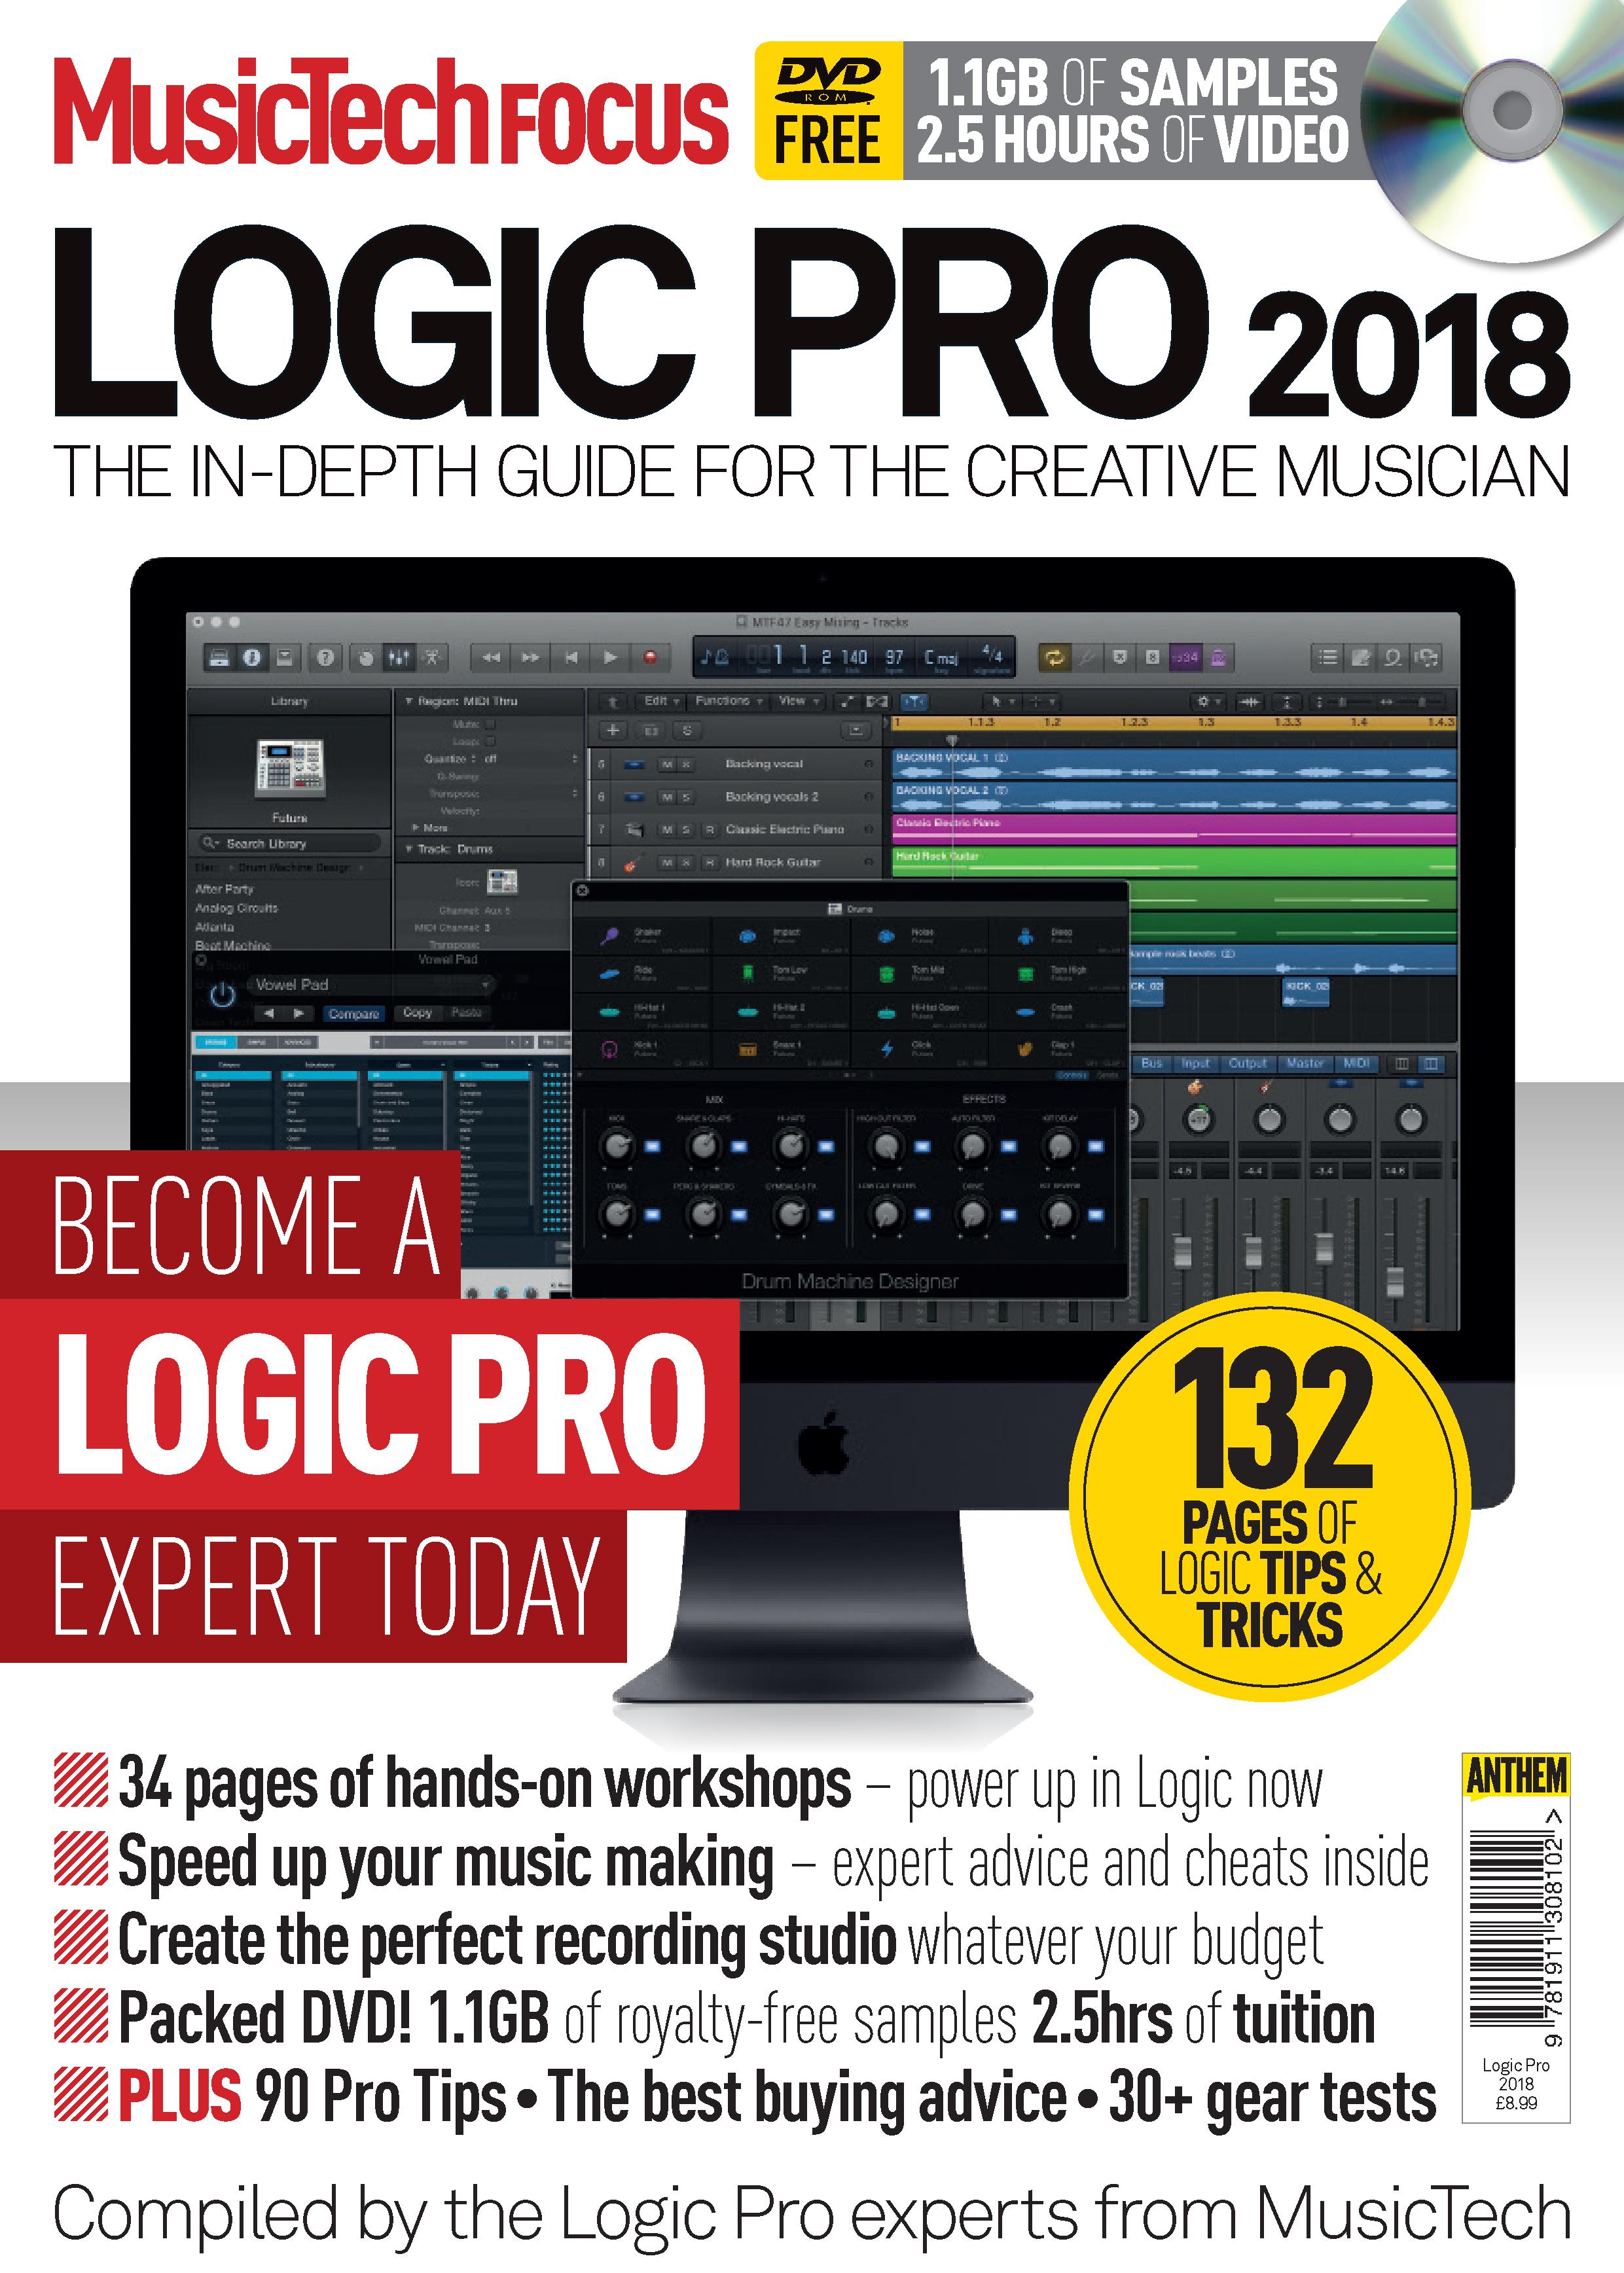 logic pro 2018